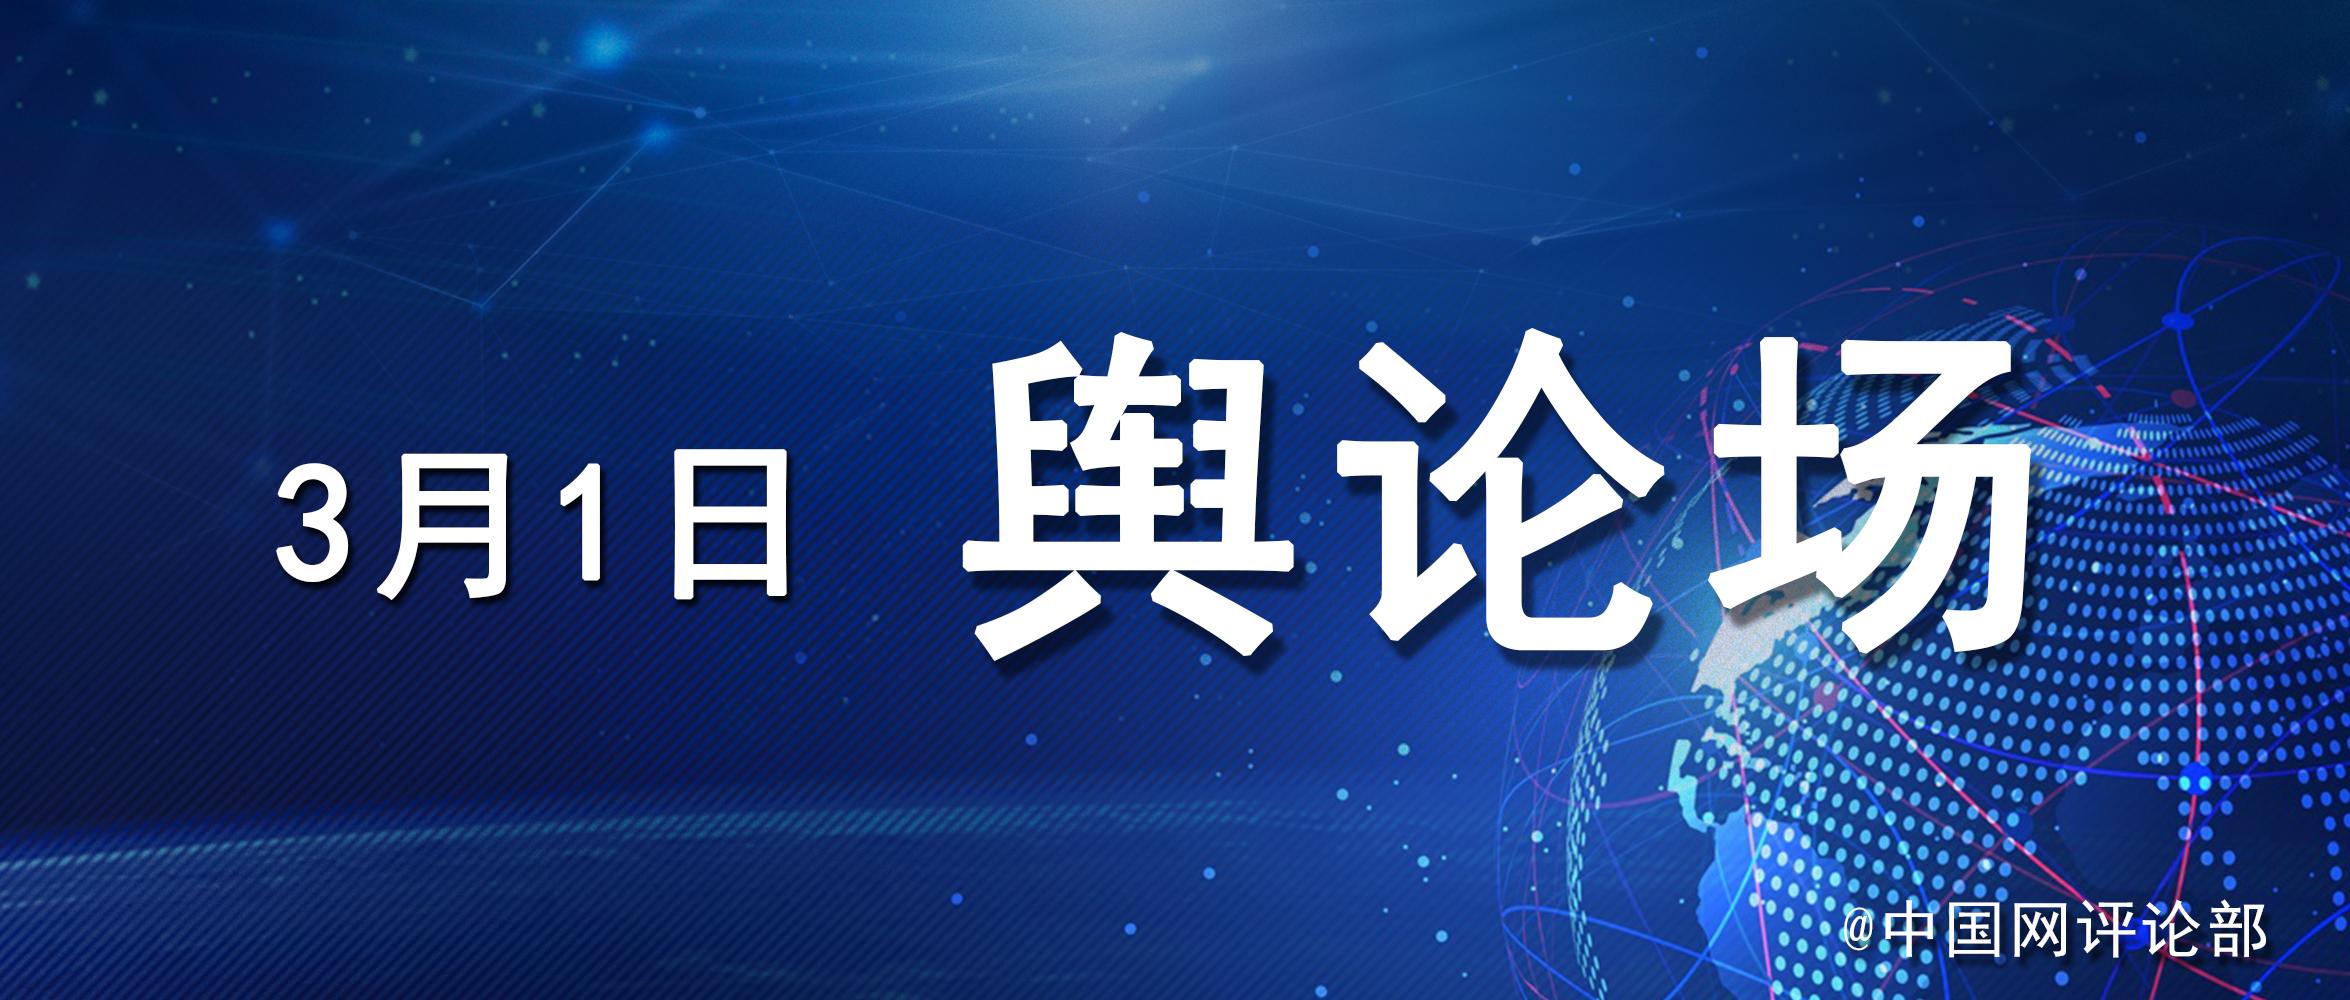 中国防御性国防政策正在发生改变?国防部回应